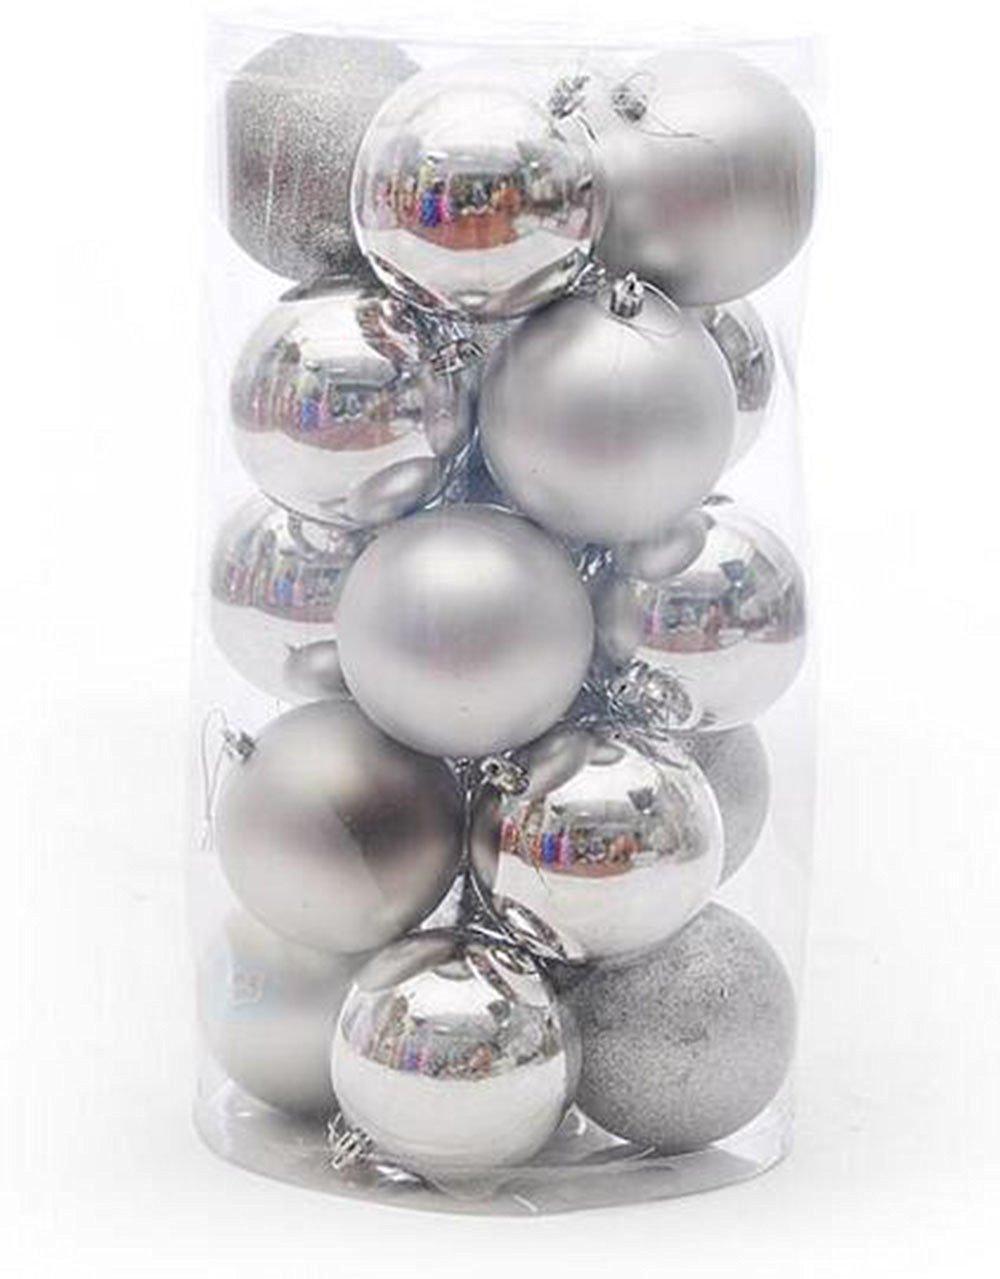 Cheap Plastic Ornament Balls Crafts, find Plastic Ornament Balls ...